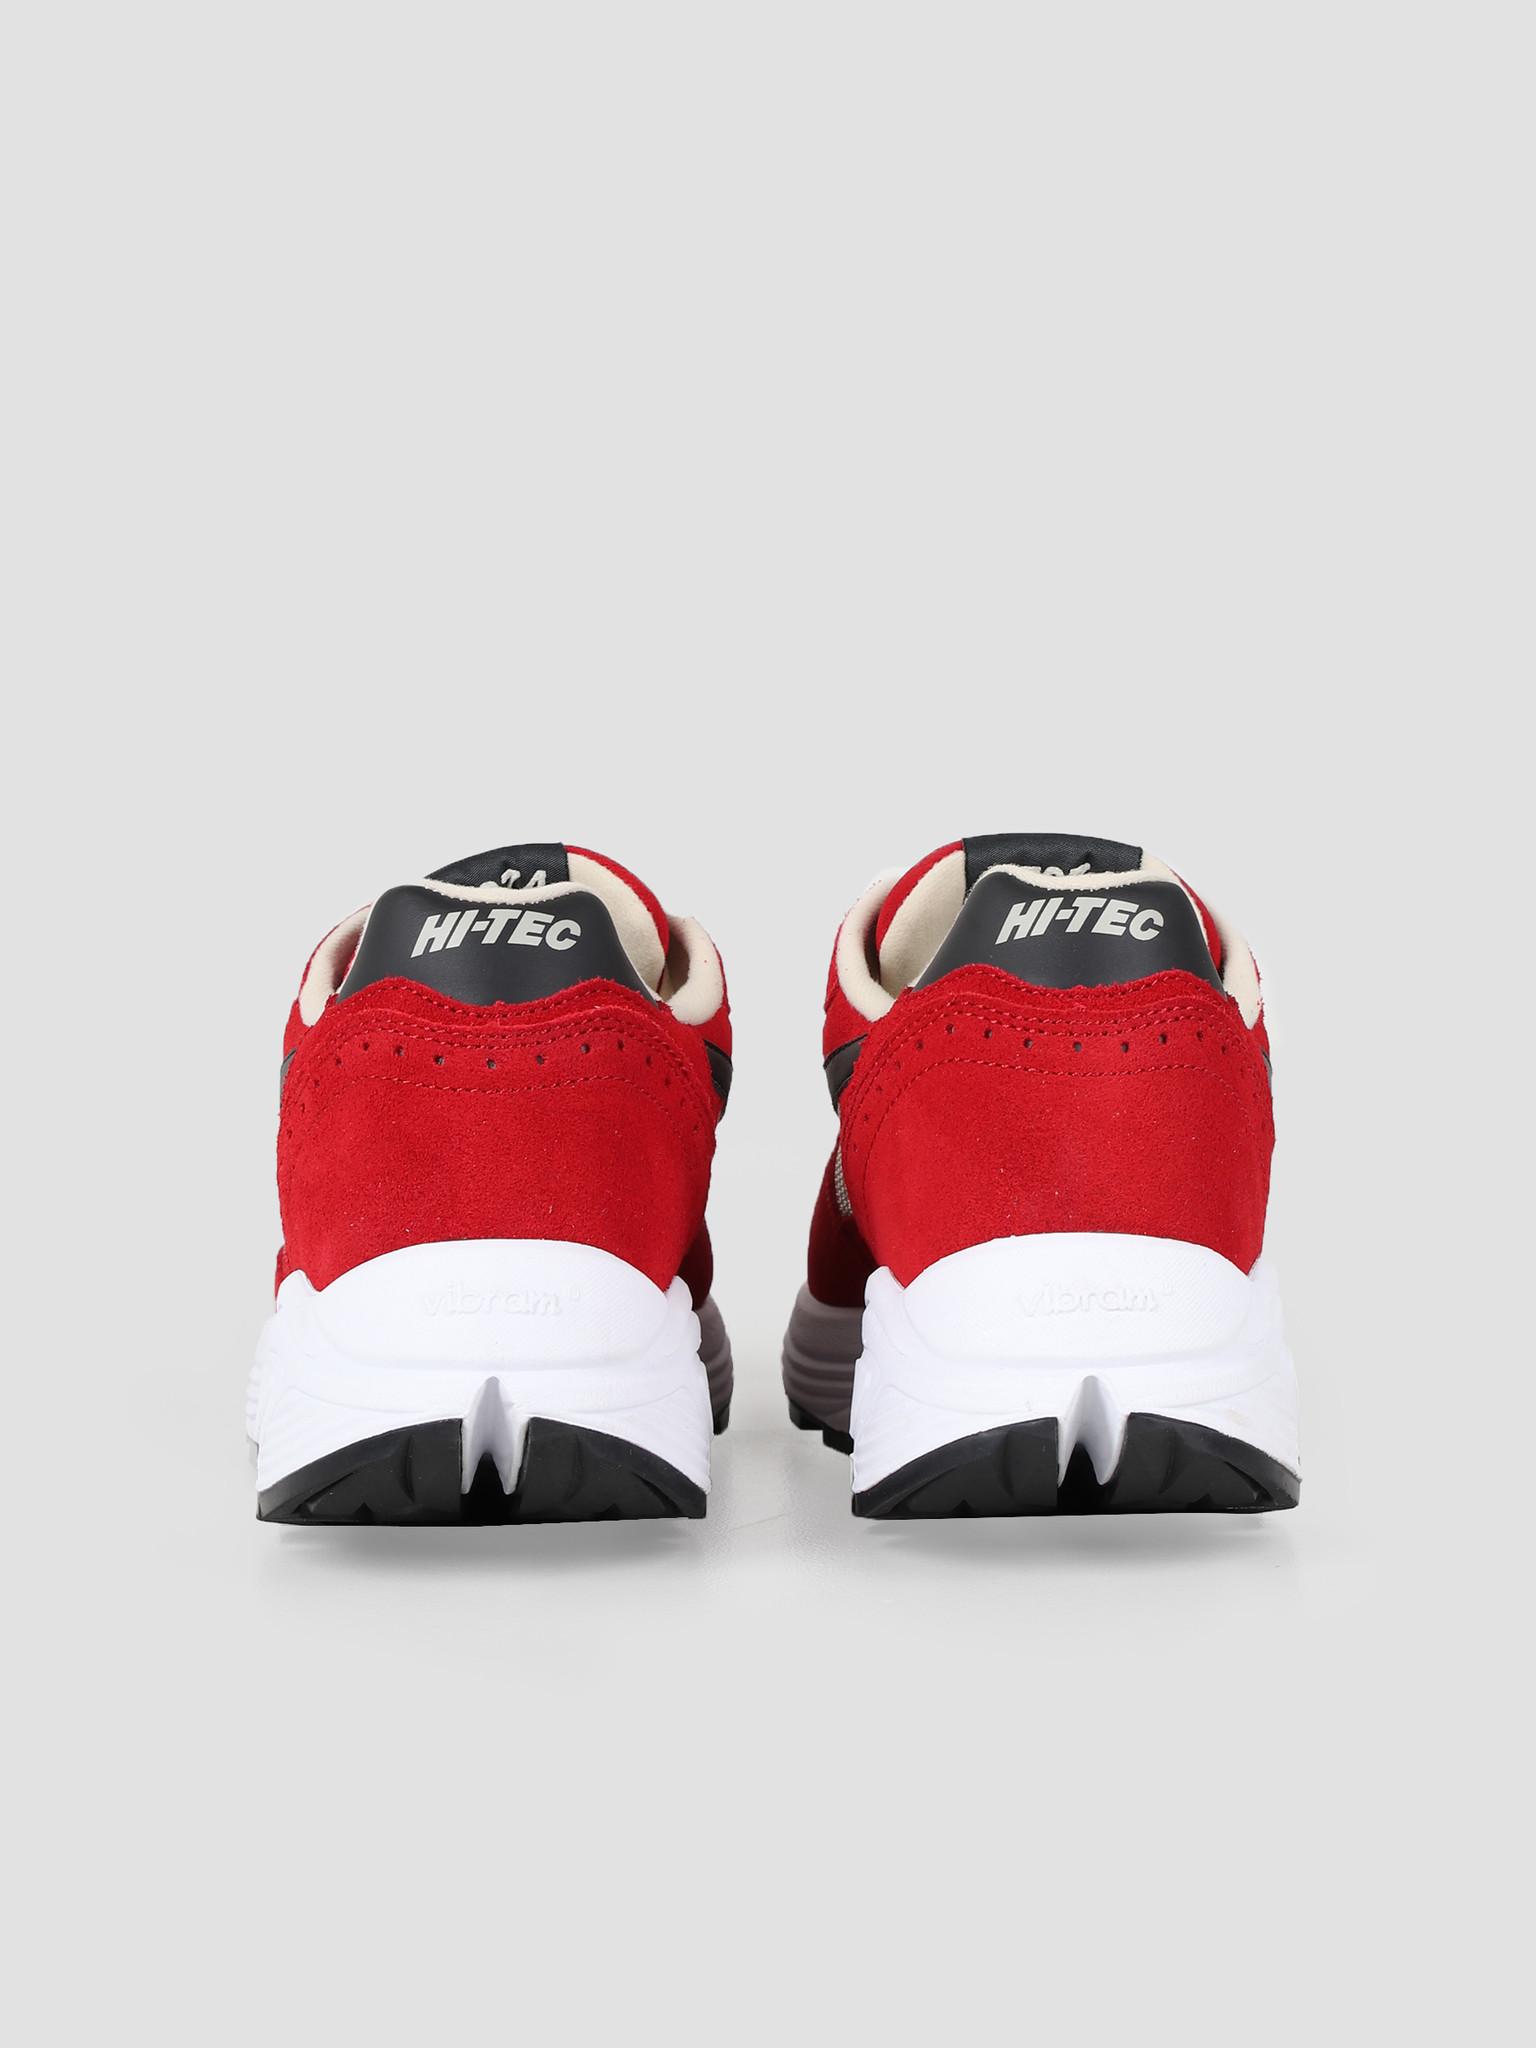 Hi-Tec Hi-Tec HTS Silver Shadow RGS Red Cream Black K010002-100